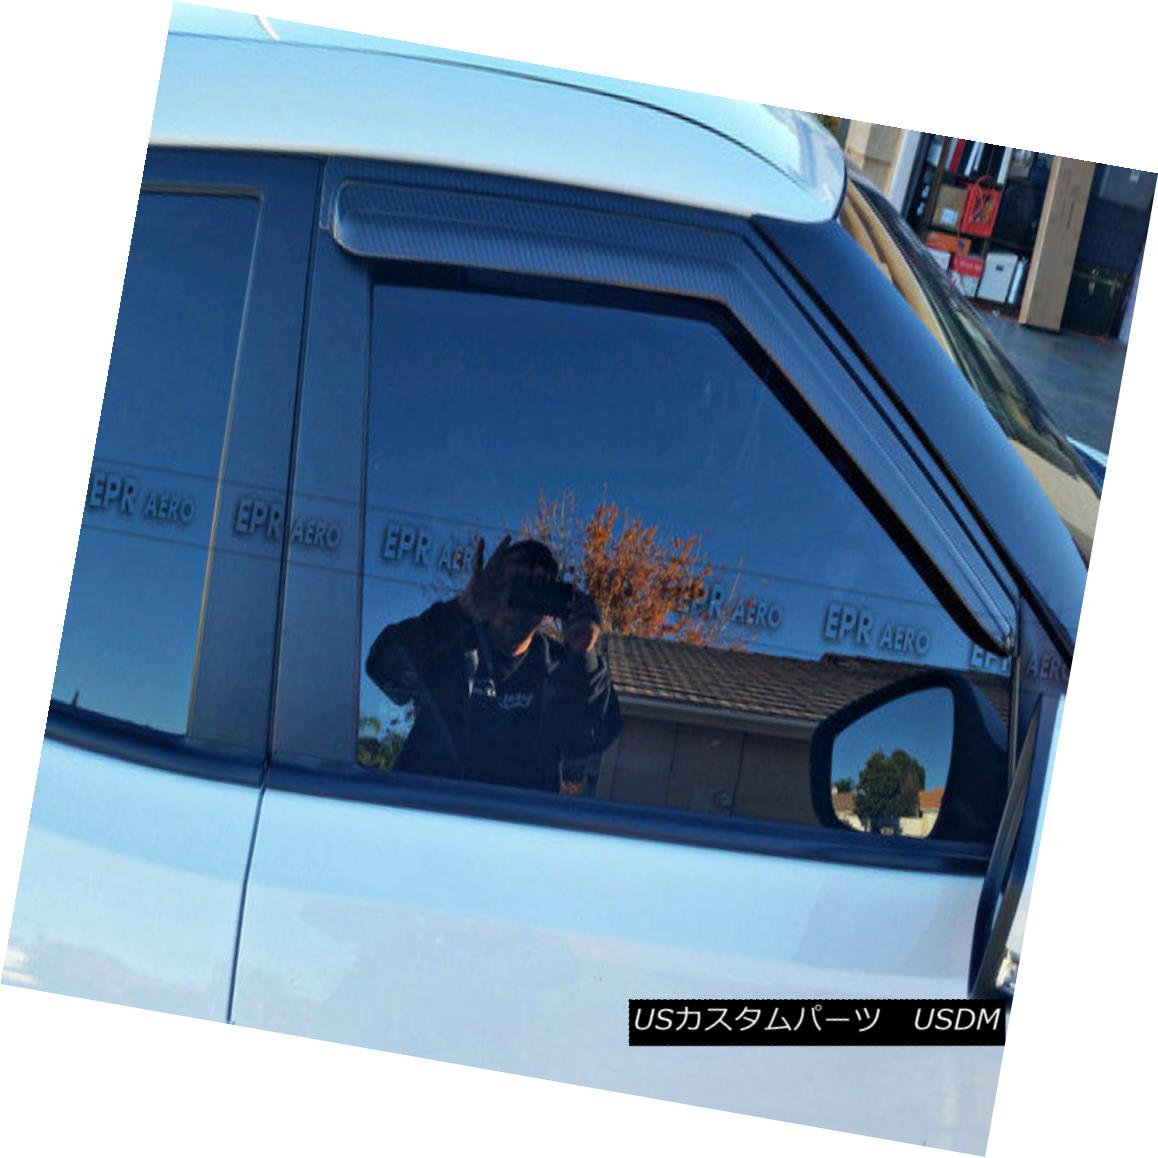 エアロパーツ Carbon Fiber Wind エアロパーツ Deflector Window Veloster Visor Protector For Hyundai Hyundai Veloster Hyundai Veloster用カーボンファイバーウィンドデフレクター窓用バイザープロテクター, 愛知工務店:8ca43c41 --- reinhekla.no